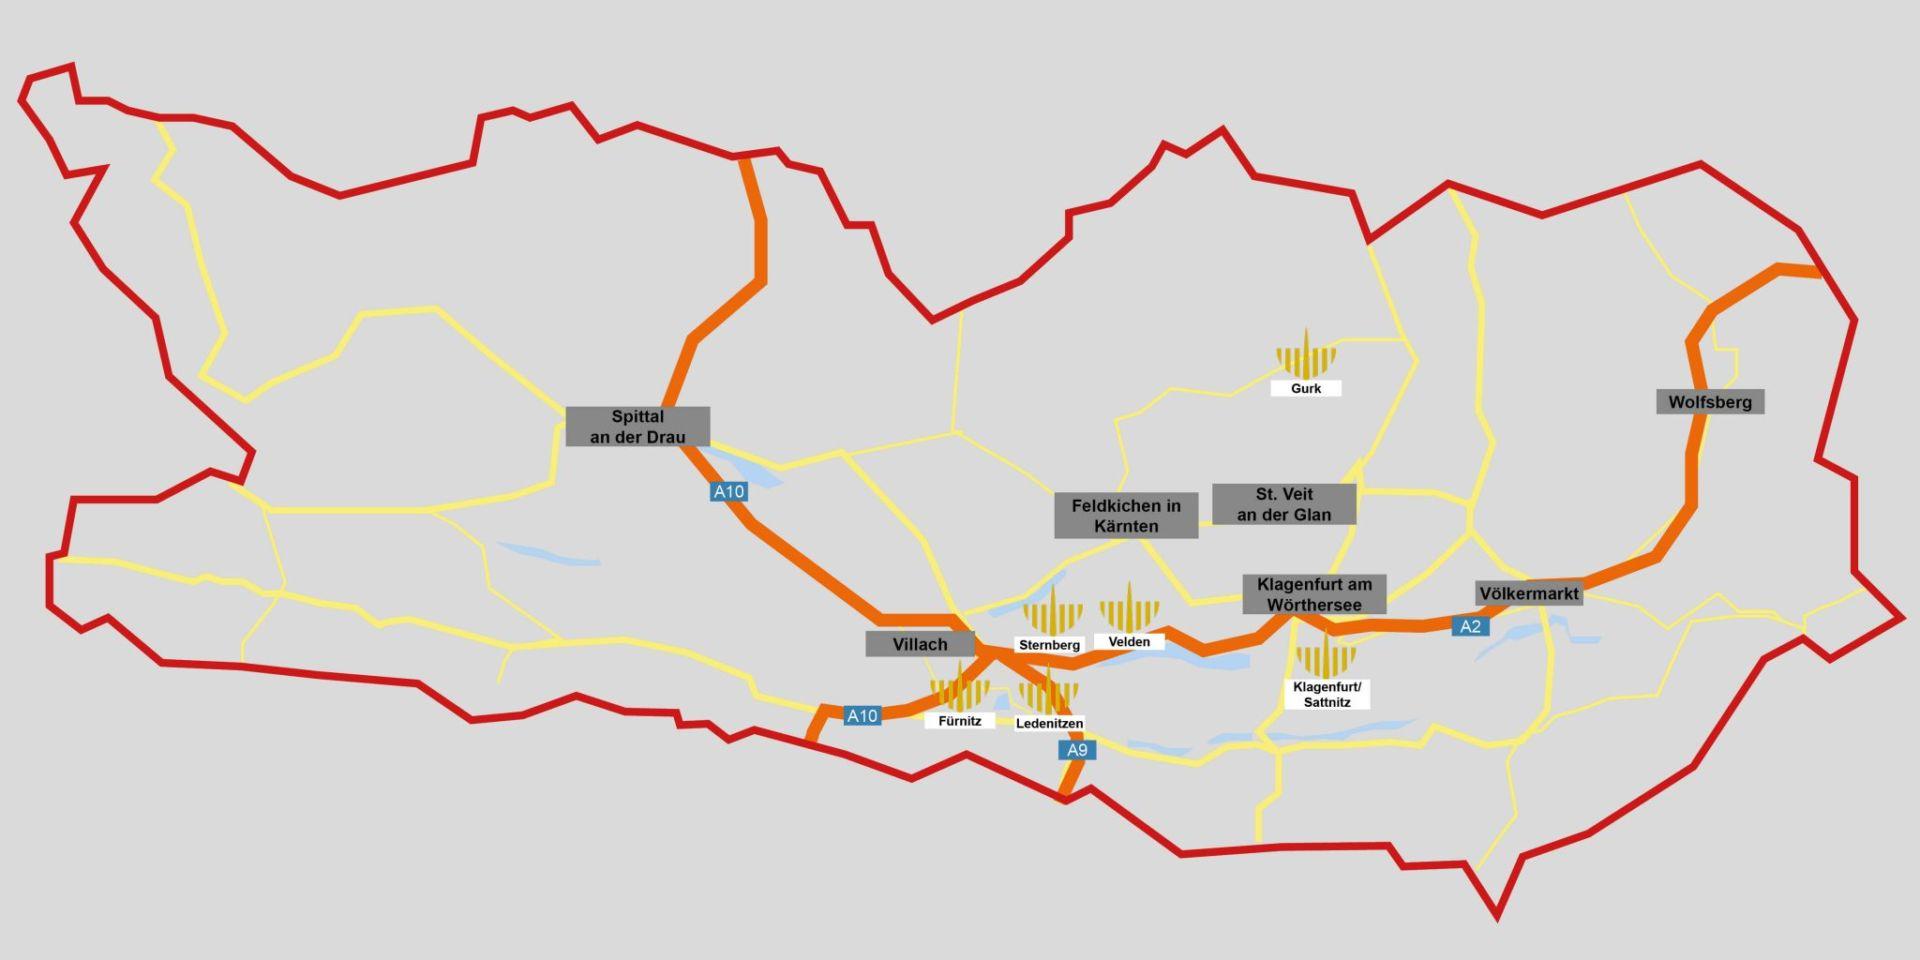 200416_Kärnten-Karte-2-2048x1024